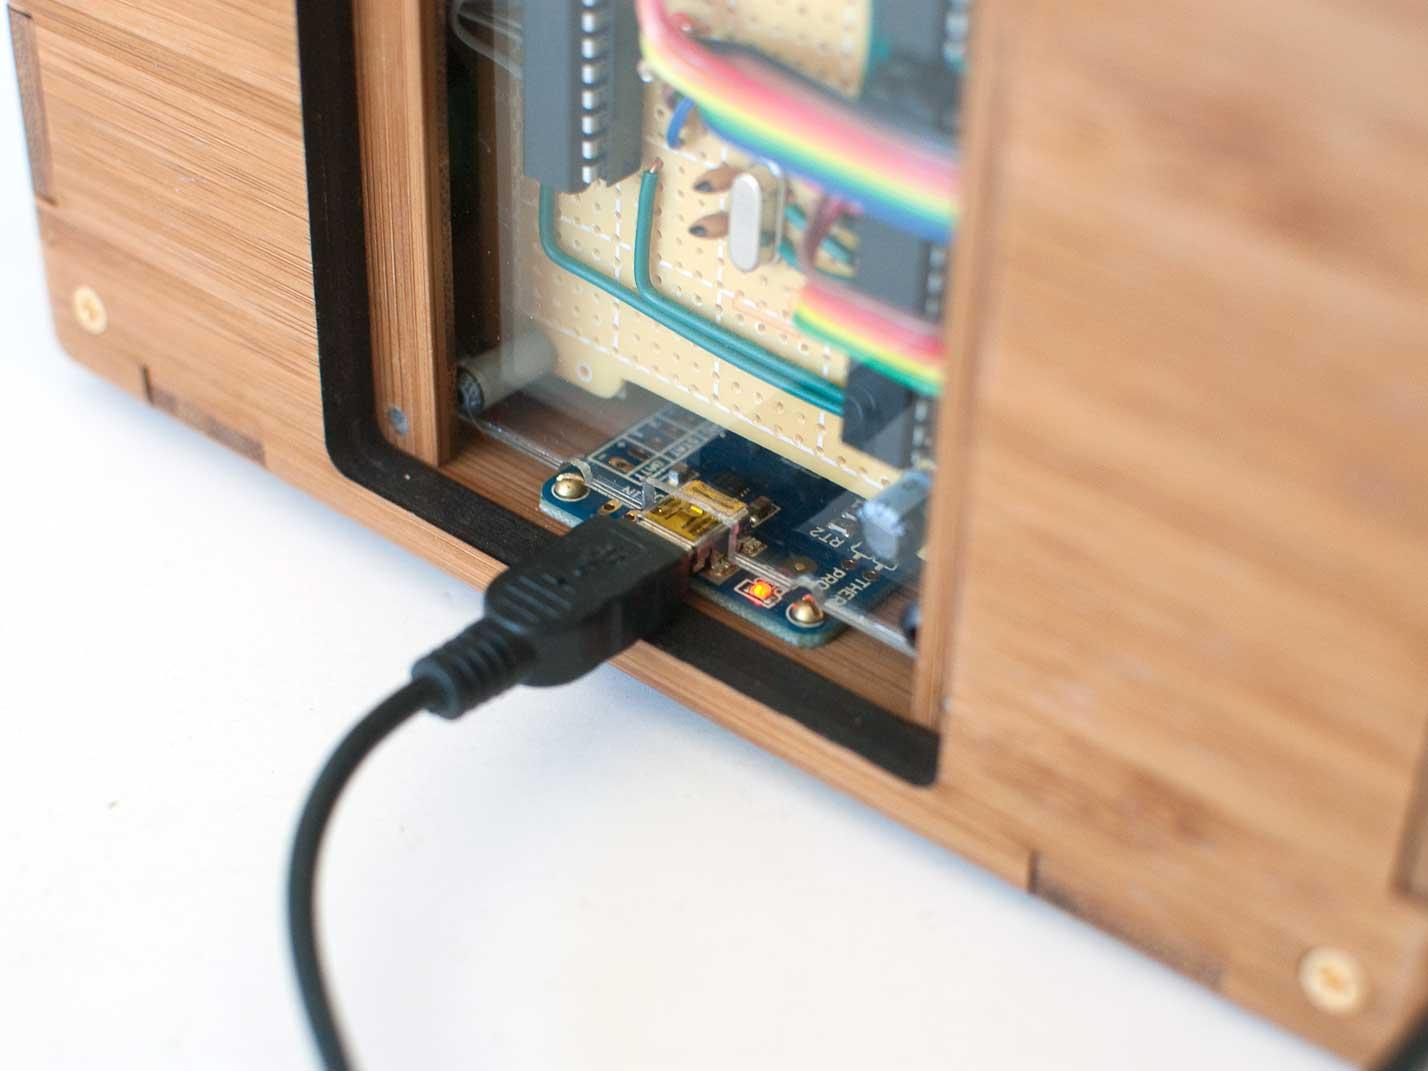 The Counting Box Hahabird Snap Circuits Repair Haha Bird